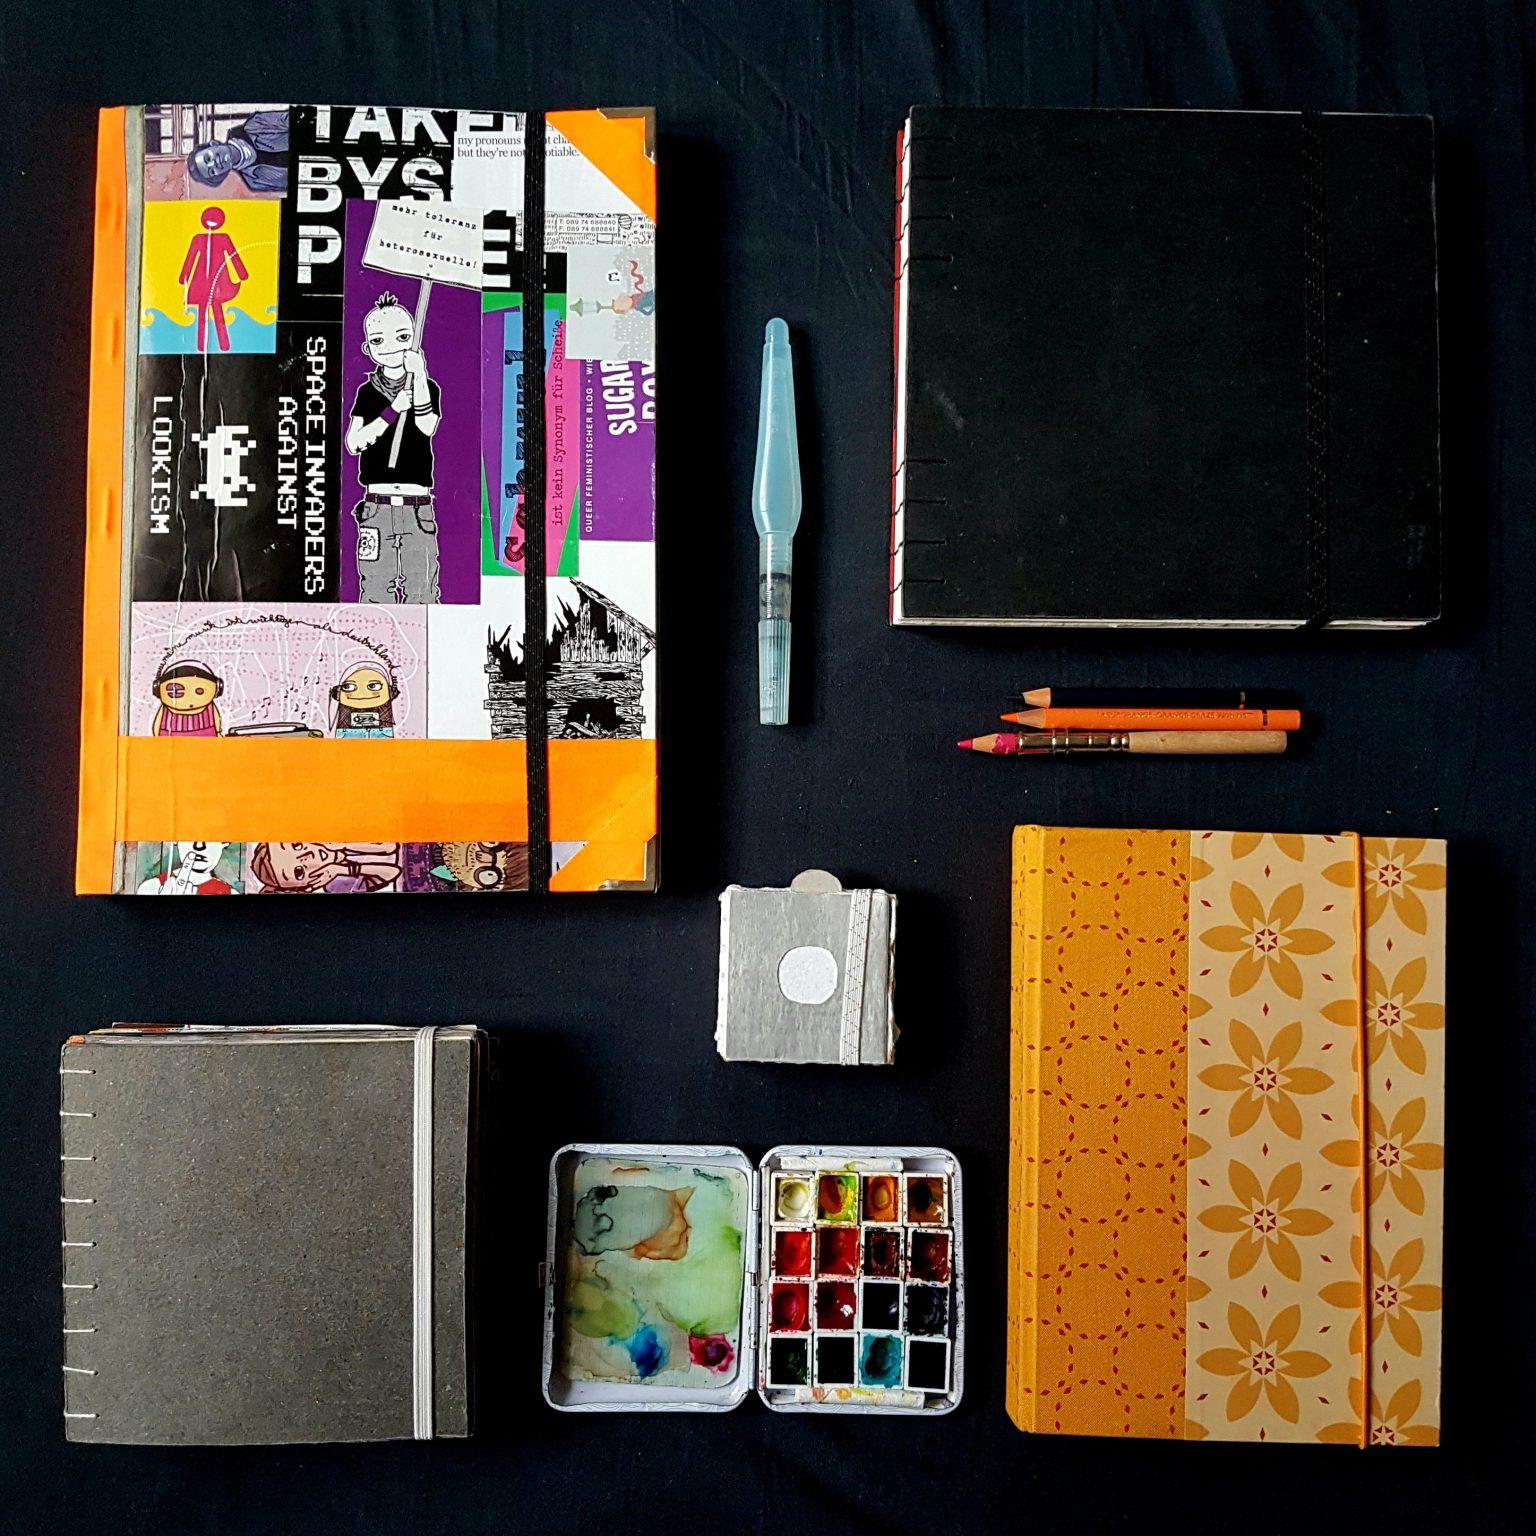 Foto: 4 unterschiedliche Skizzenbücher auf schwarze Tischdecke mit Miniaquarellkasten.